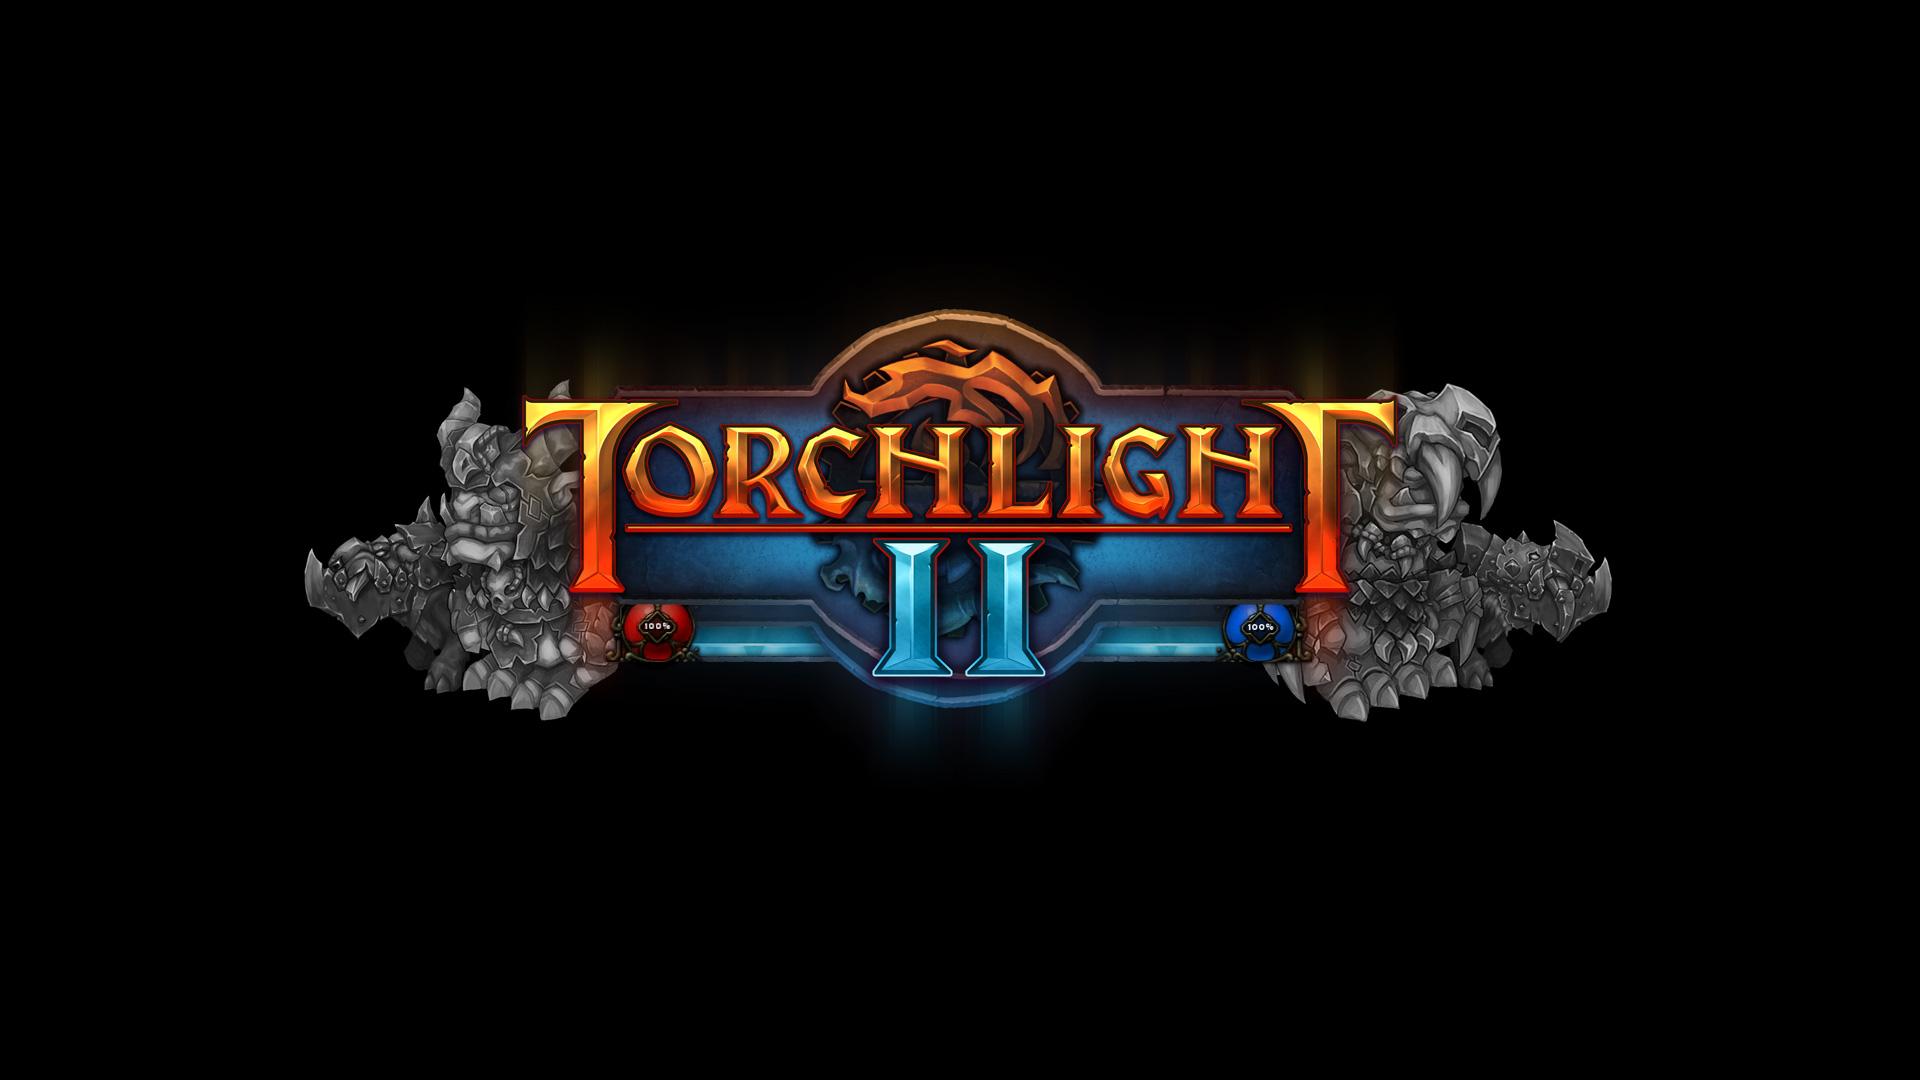 torchlight-2-wallpaper